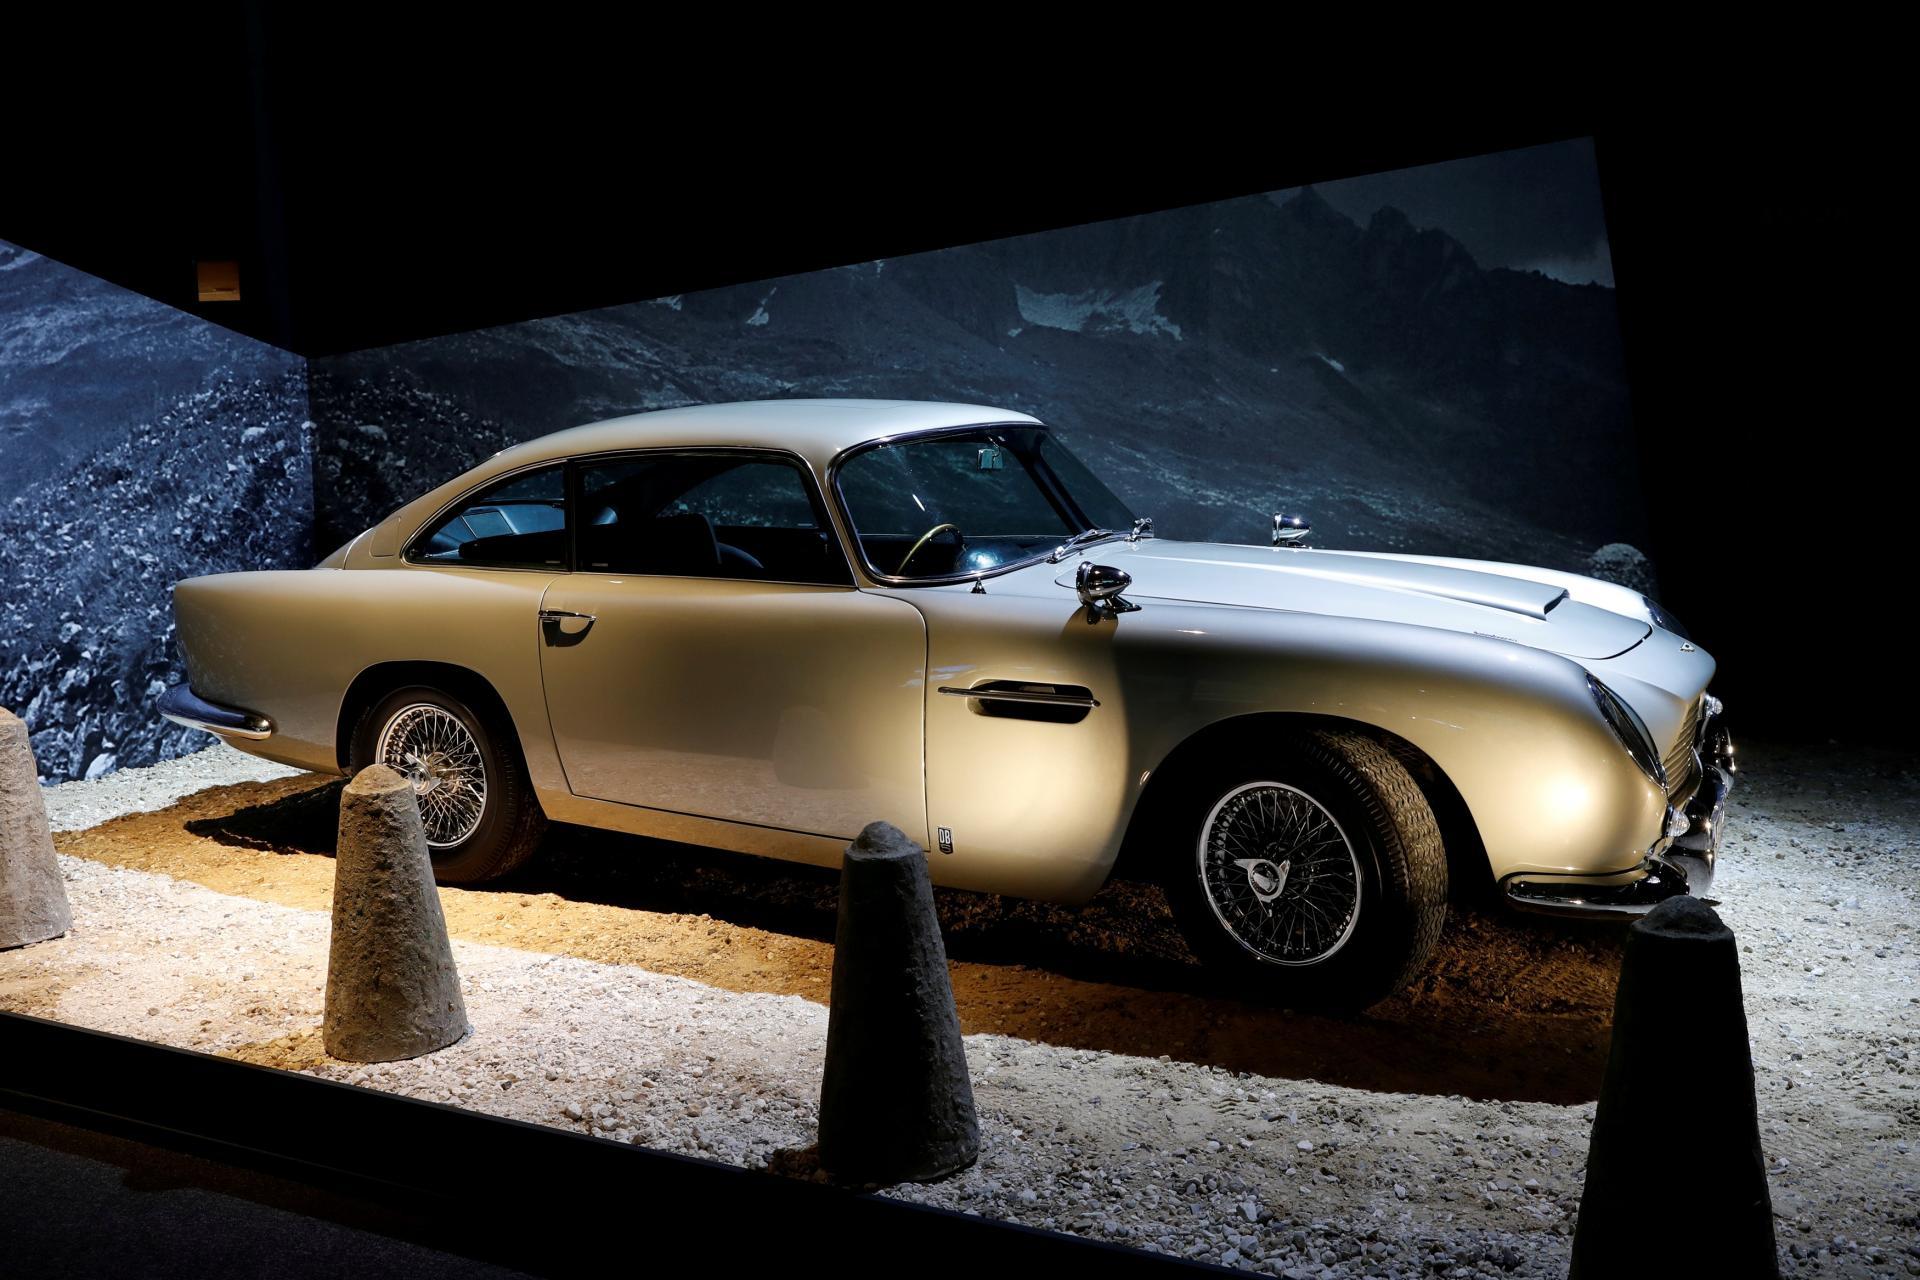 Aston Martin bo znova izdelal avtomobil iz filma Goldfinger Avto